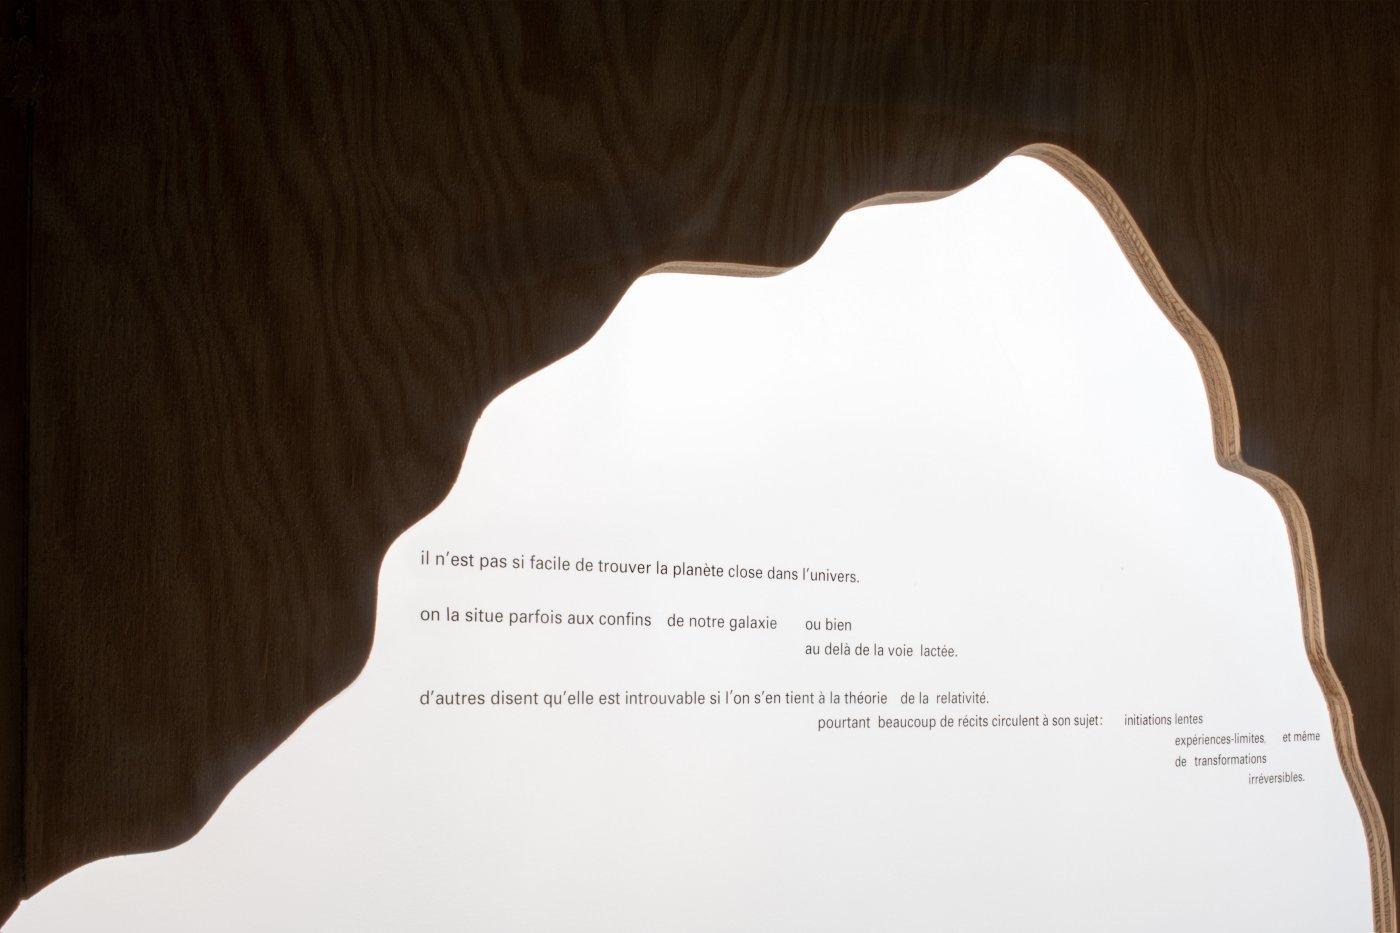 Galerie Chantal Crousel Dominique Gonzalez-Foerster 4